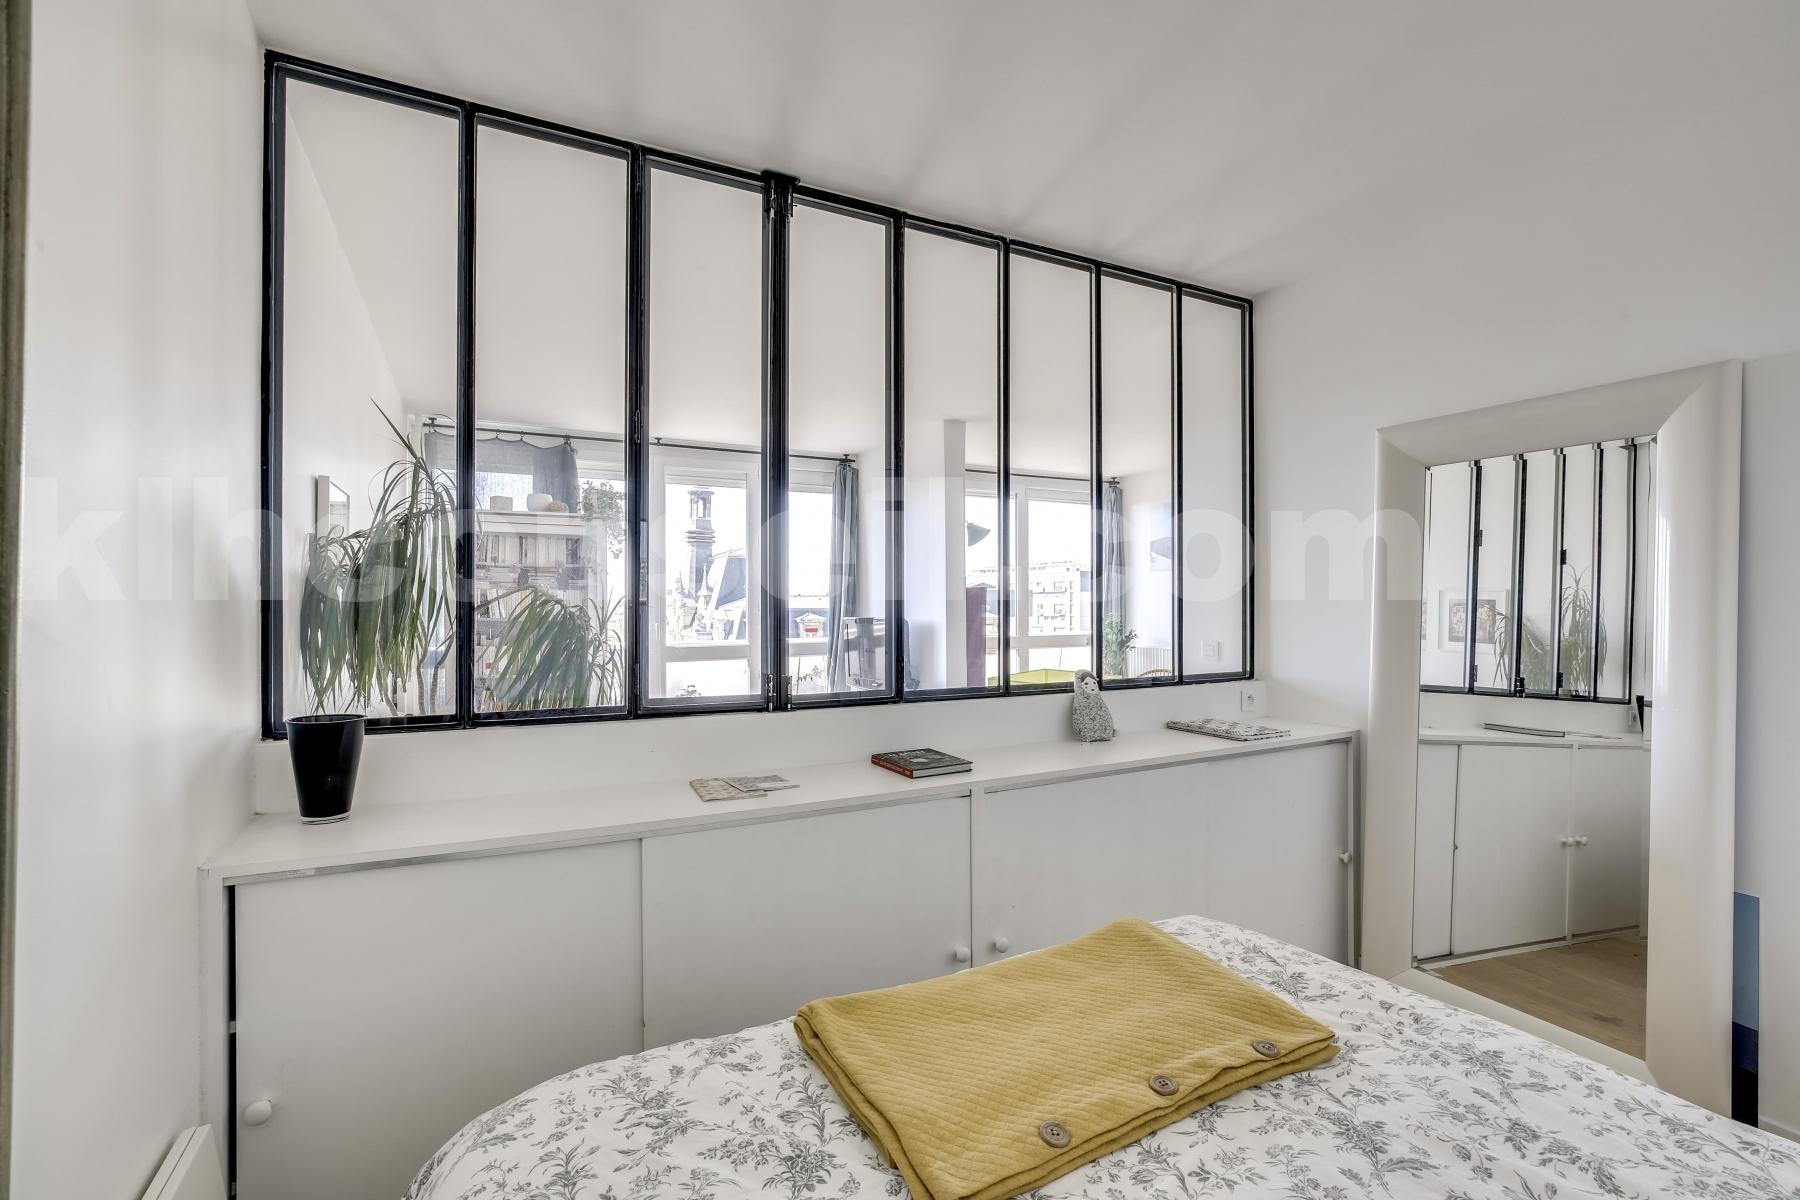 Vente Appartement de 4 pièces 77 m² - COLOMBES 92700 | KLH Conseil - AR photo7